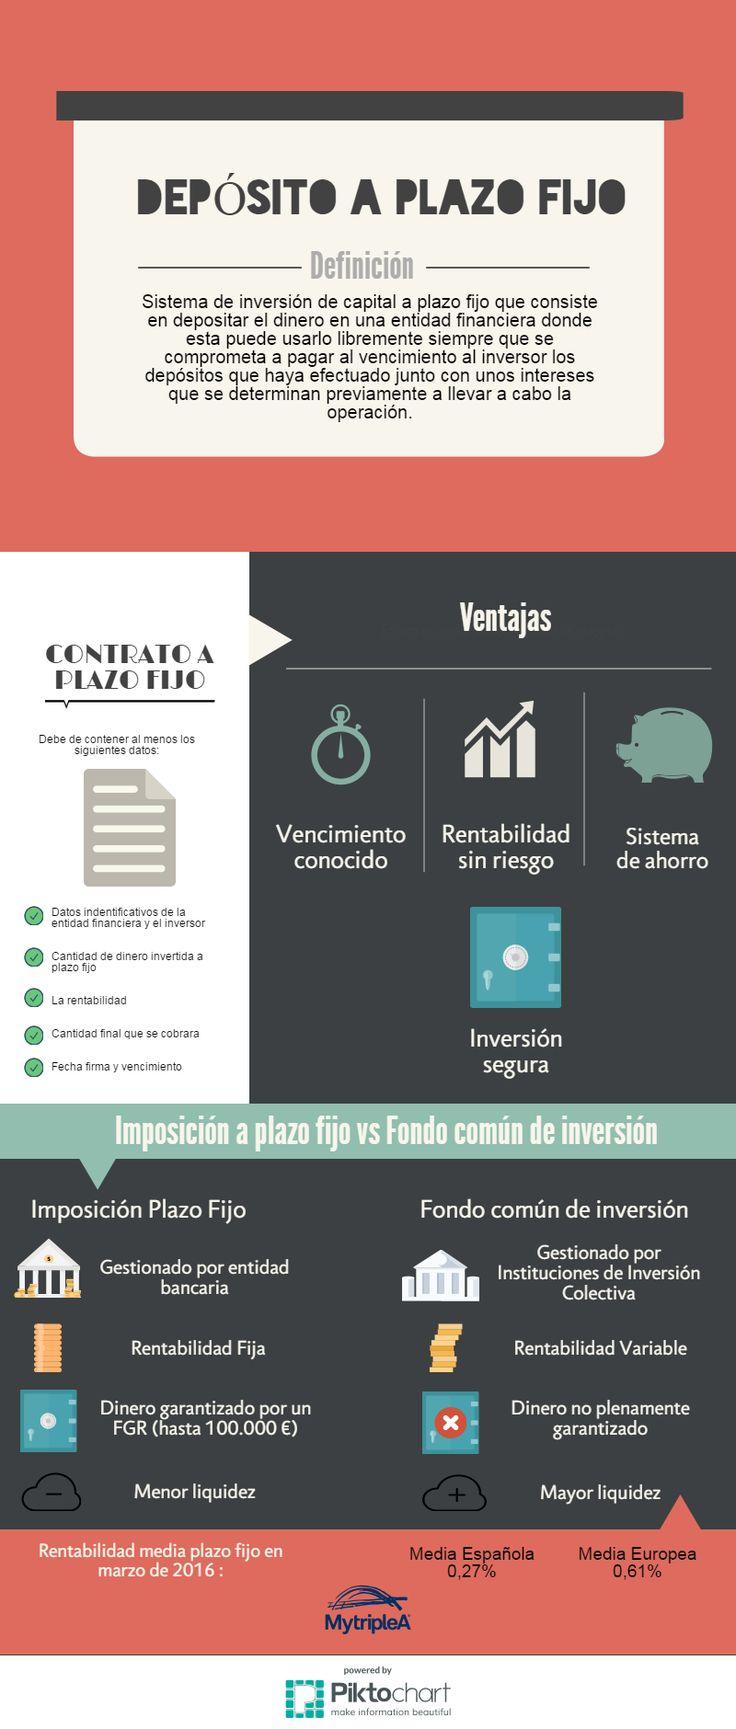 #Diccionario #financiero: #plazo #fijo